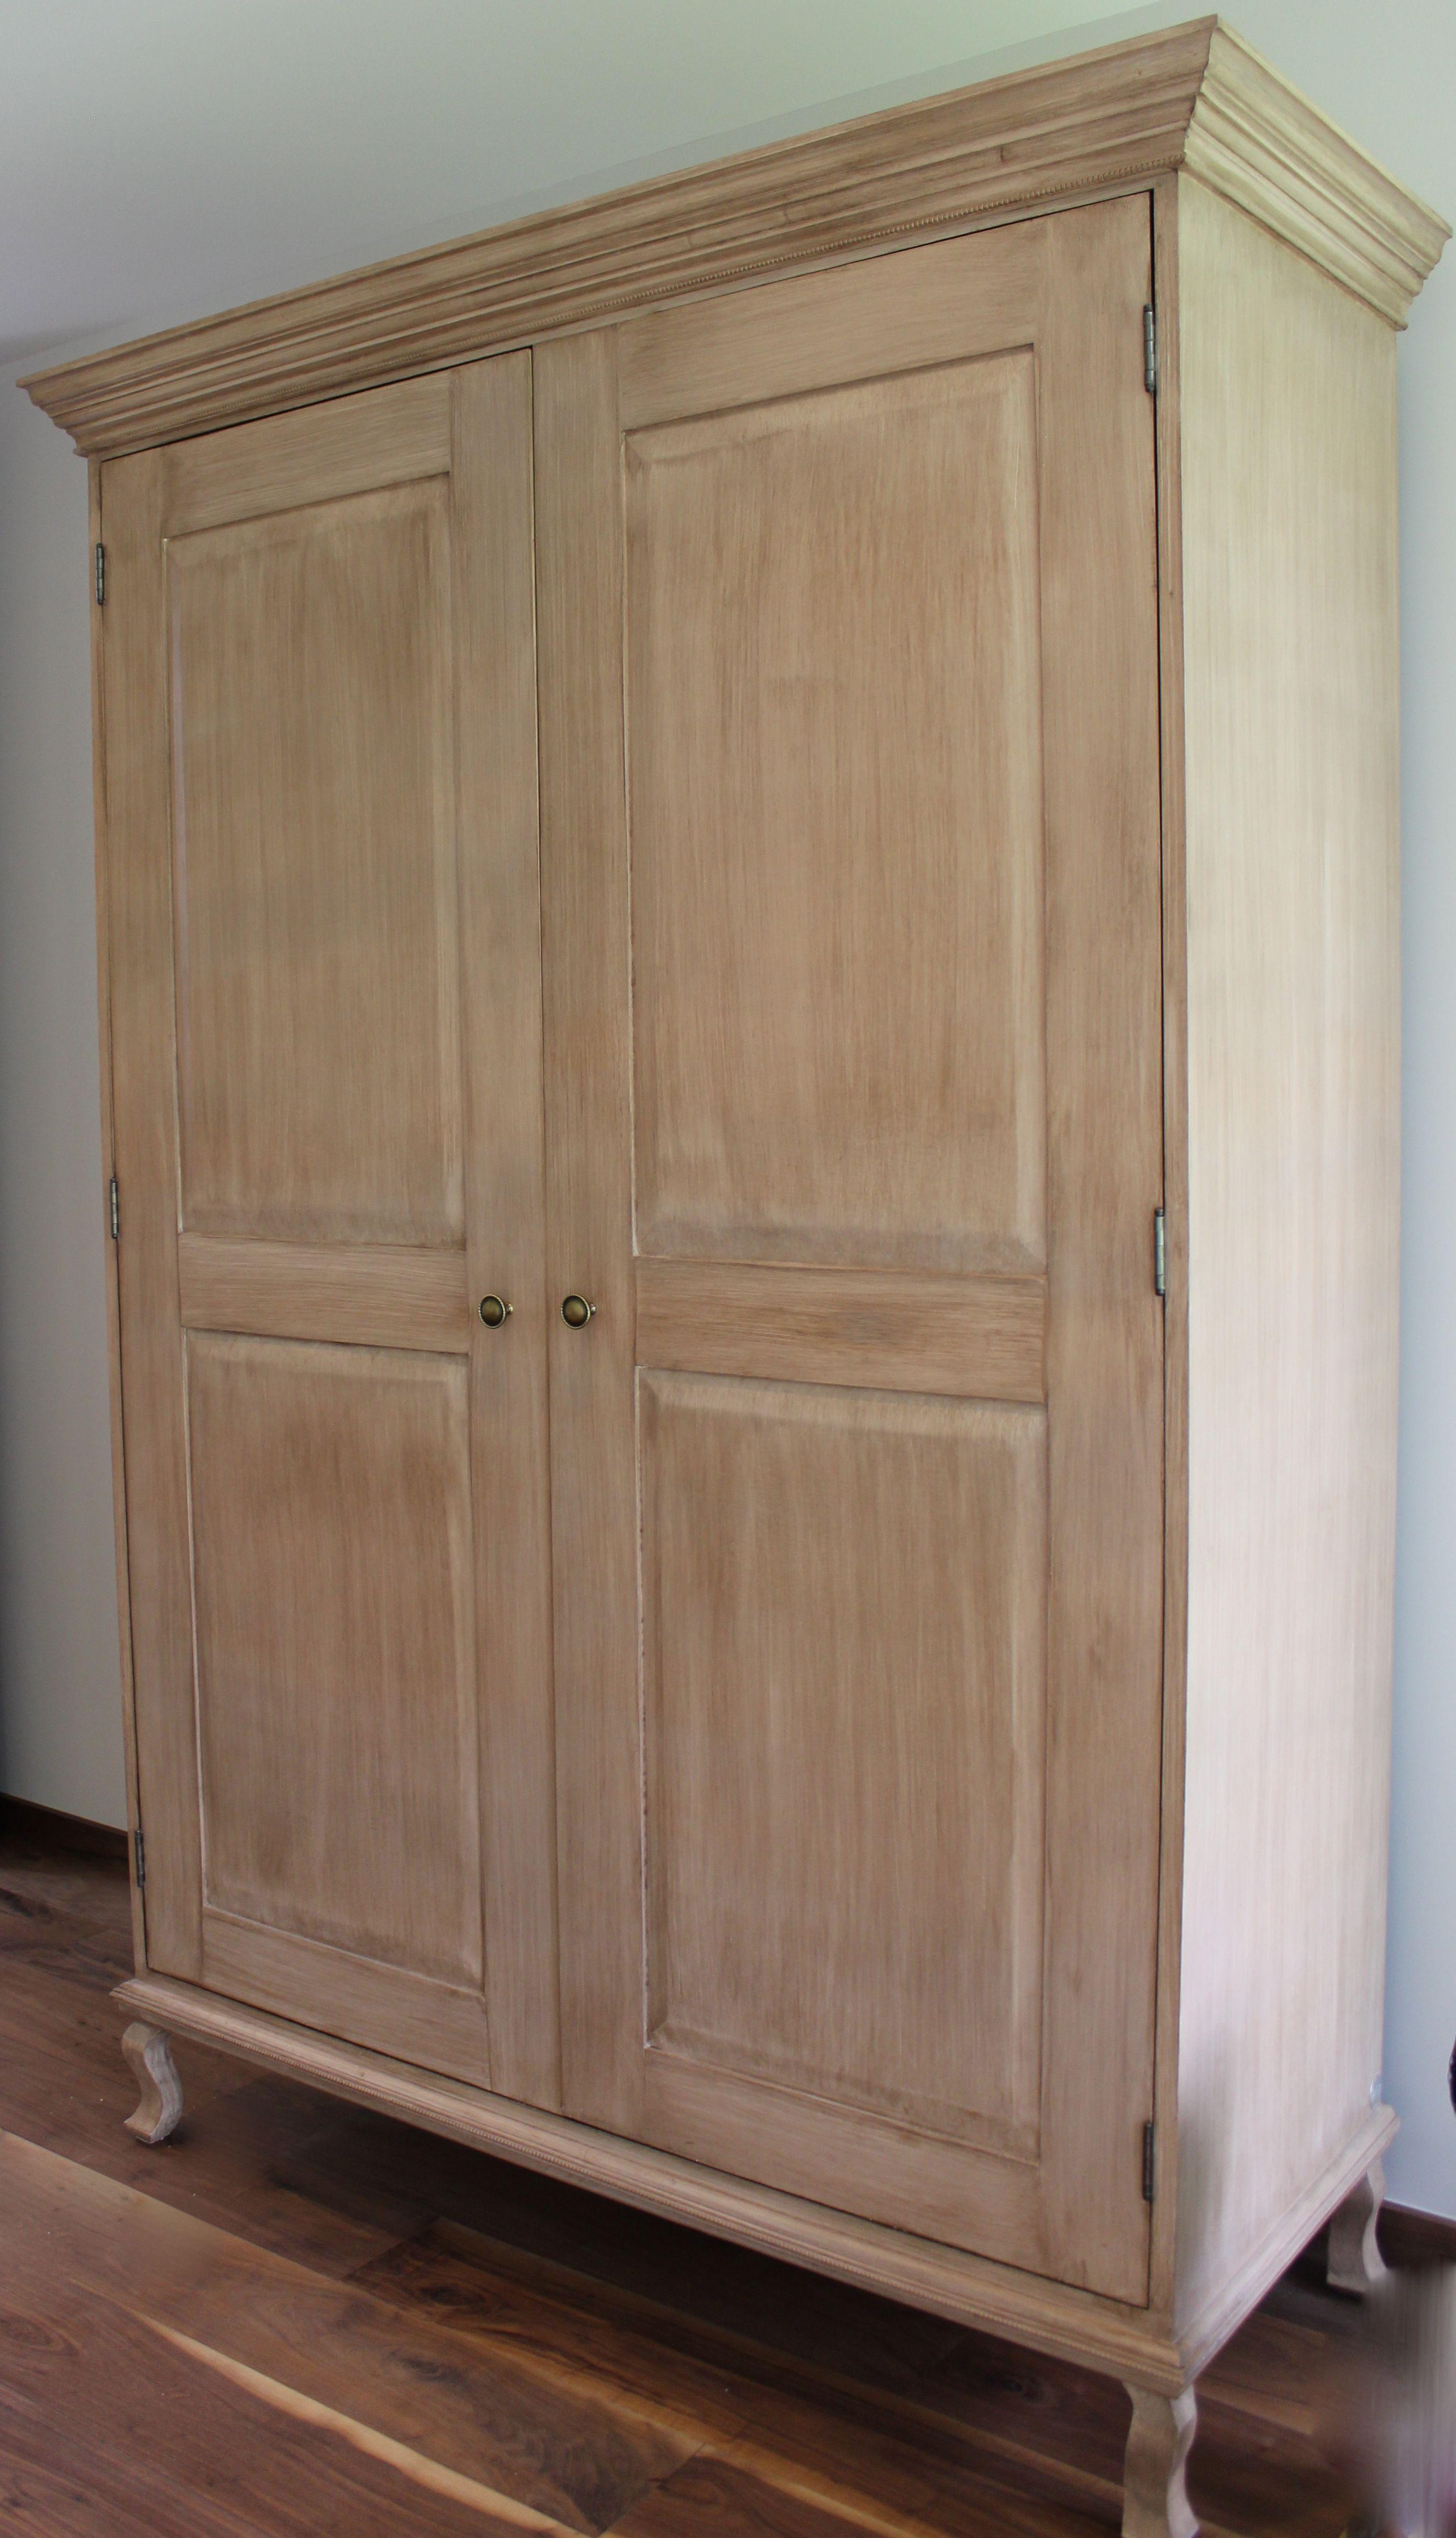 Ropero vintage elaborado con nogal acpabo te de tila for Armarios rusticos ikea